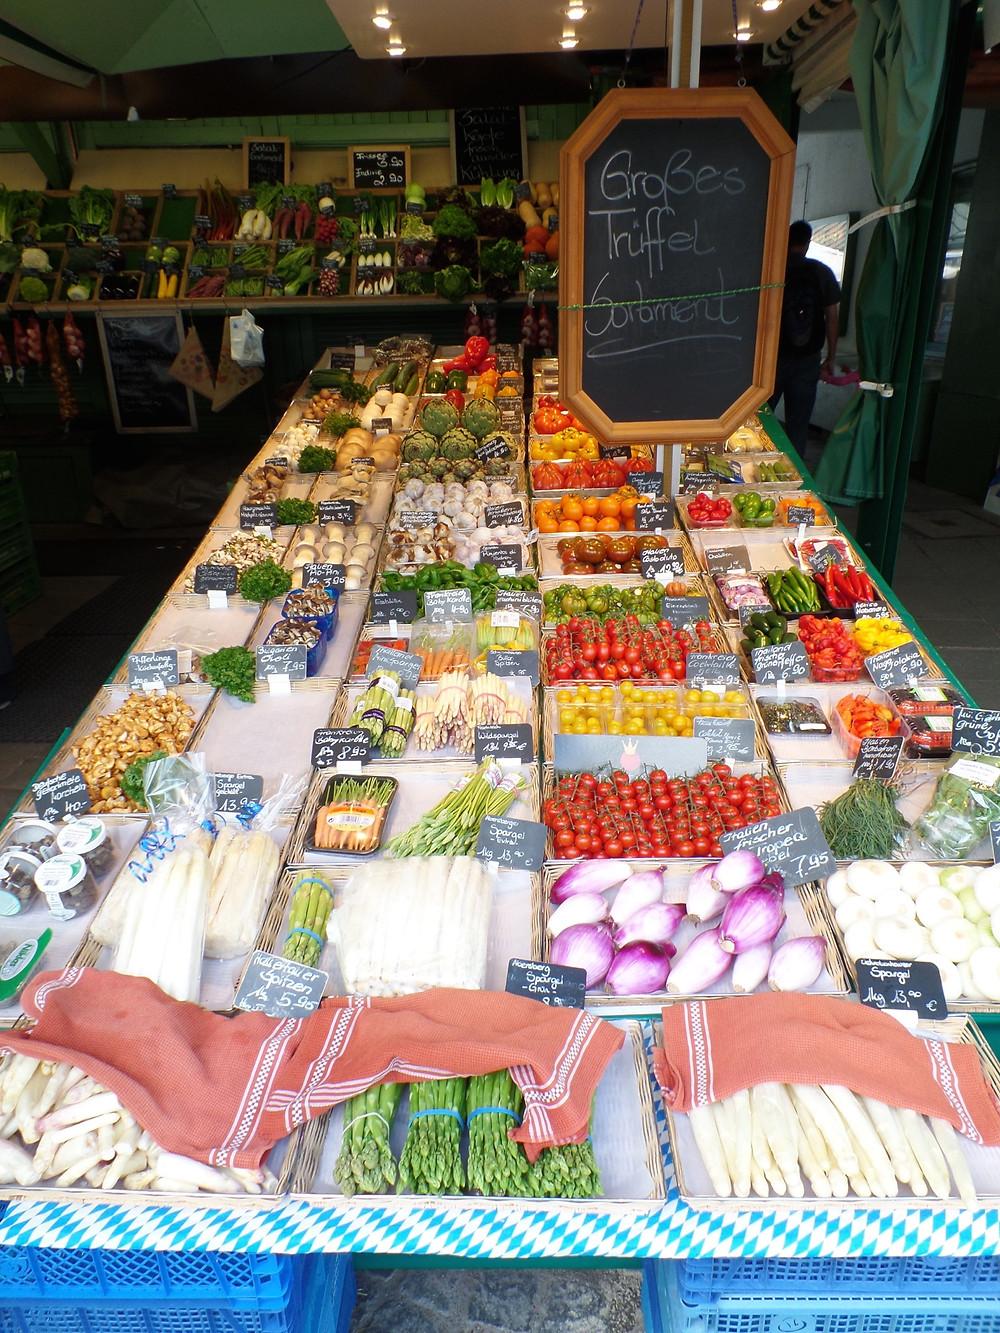 Market in Munich, Germany